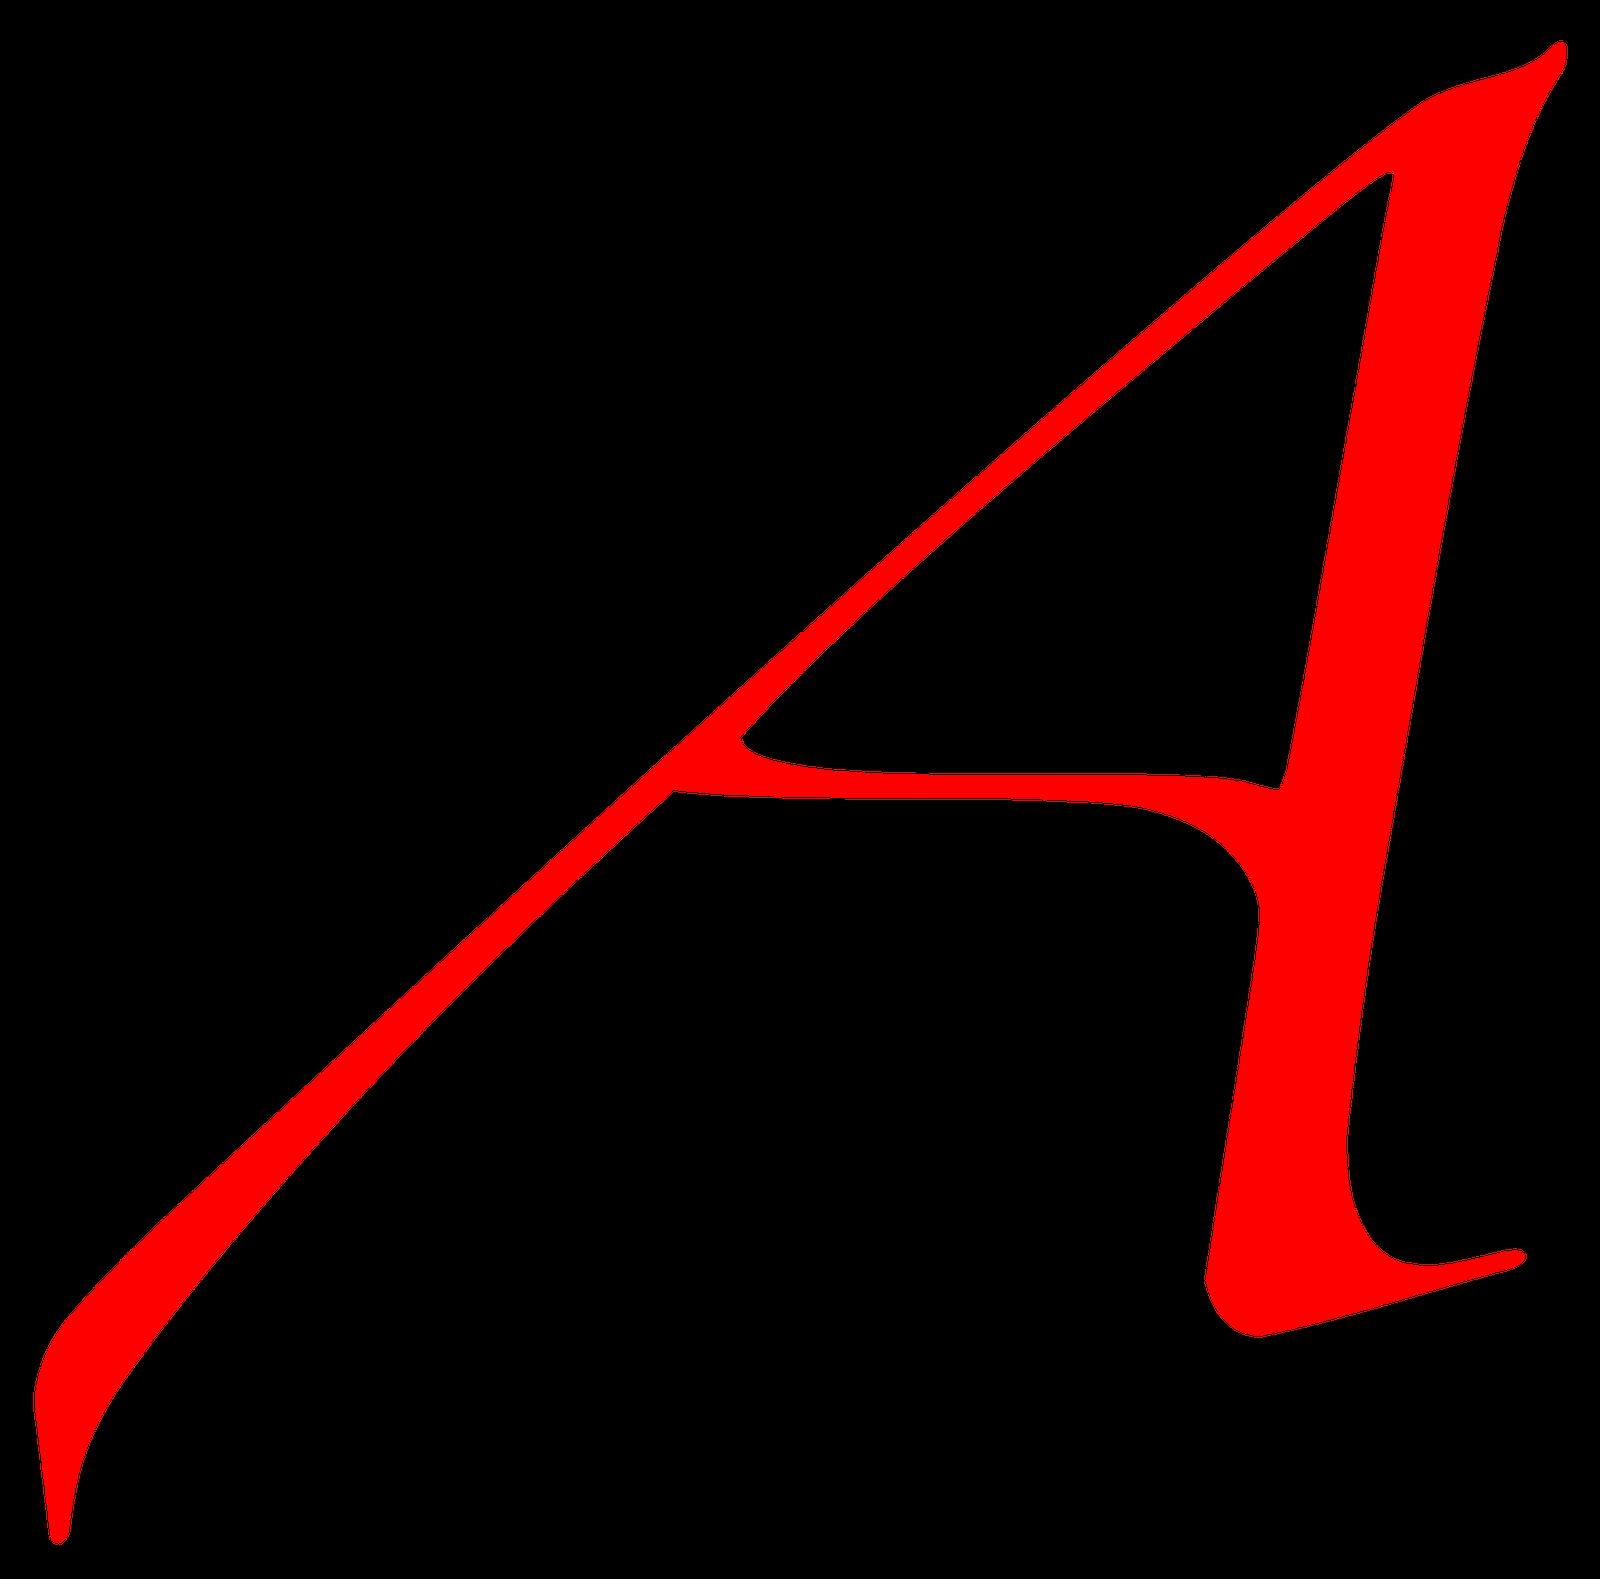 Symbols Of The Scarlet Letter